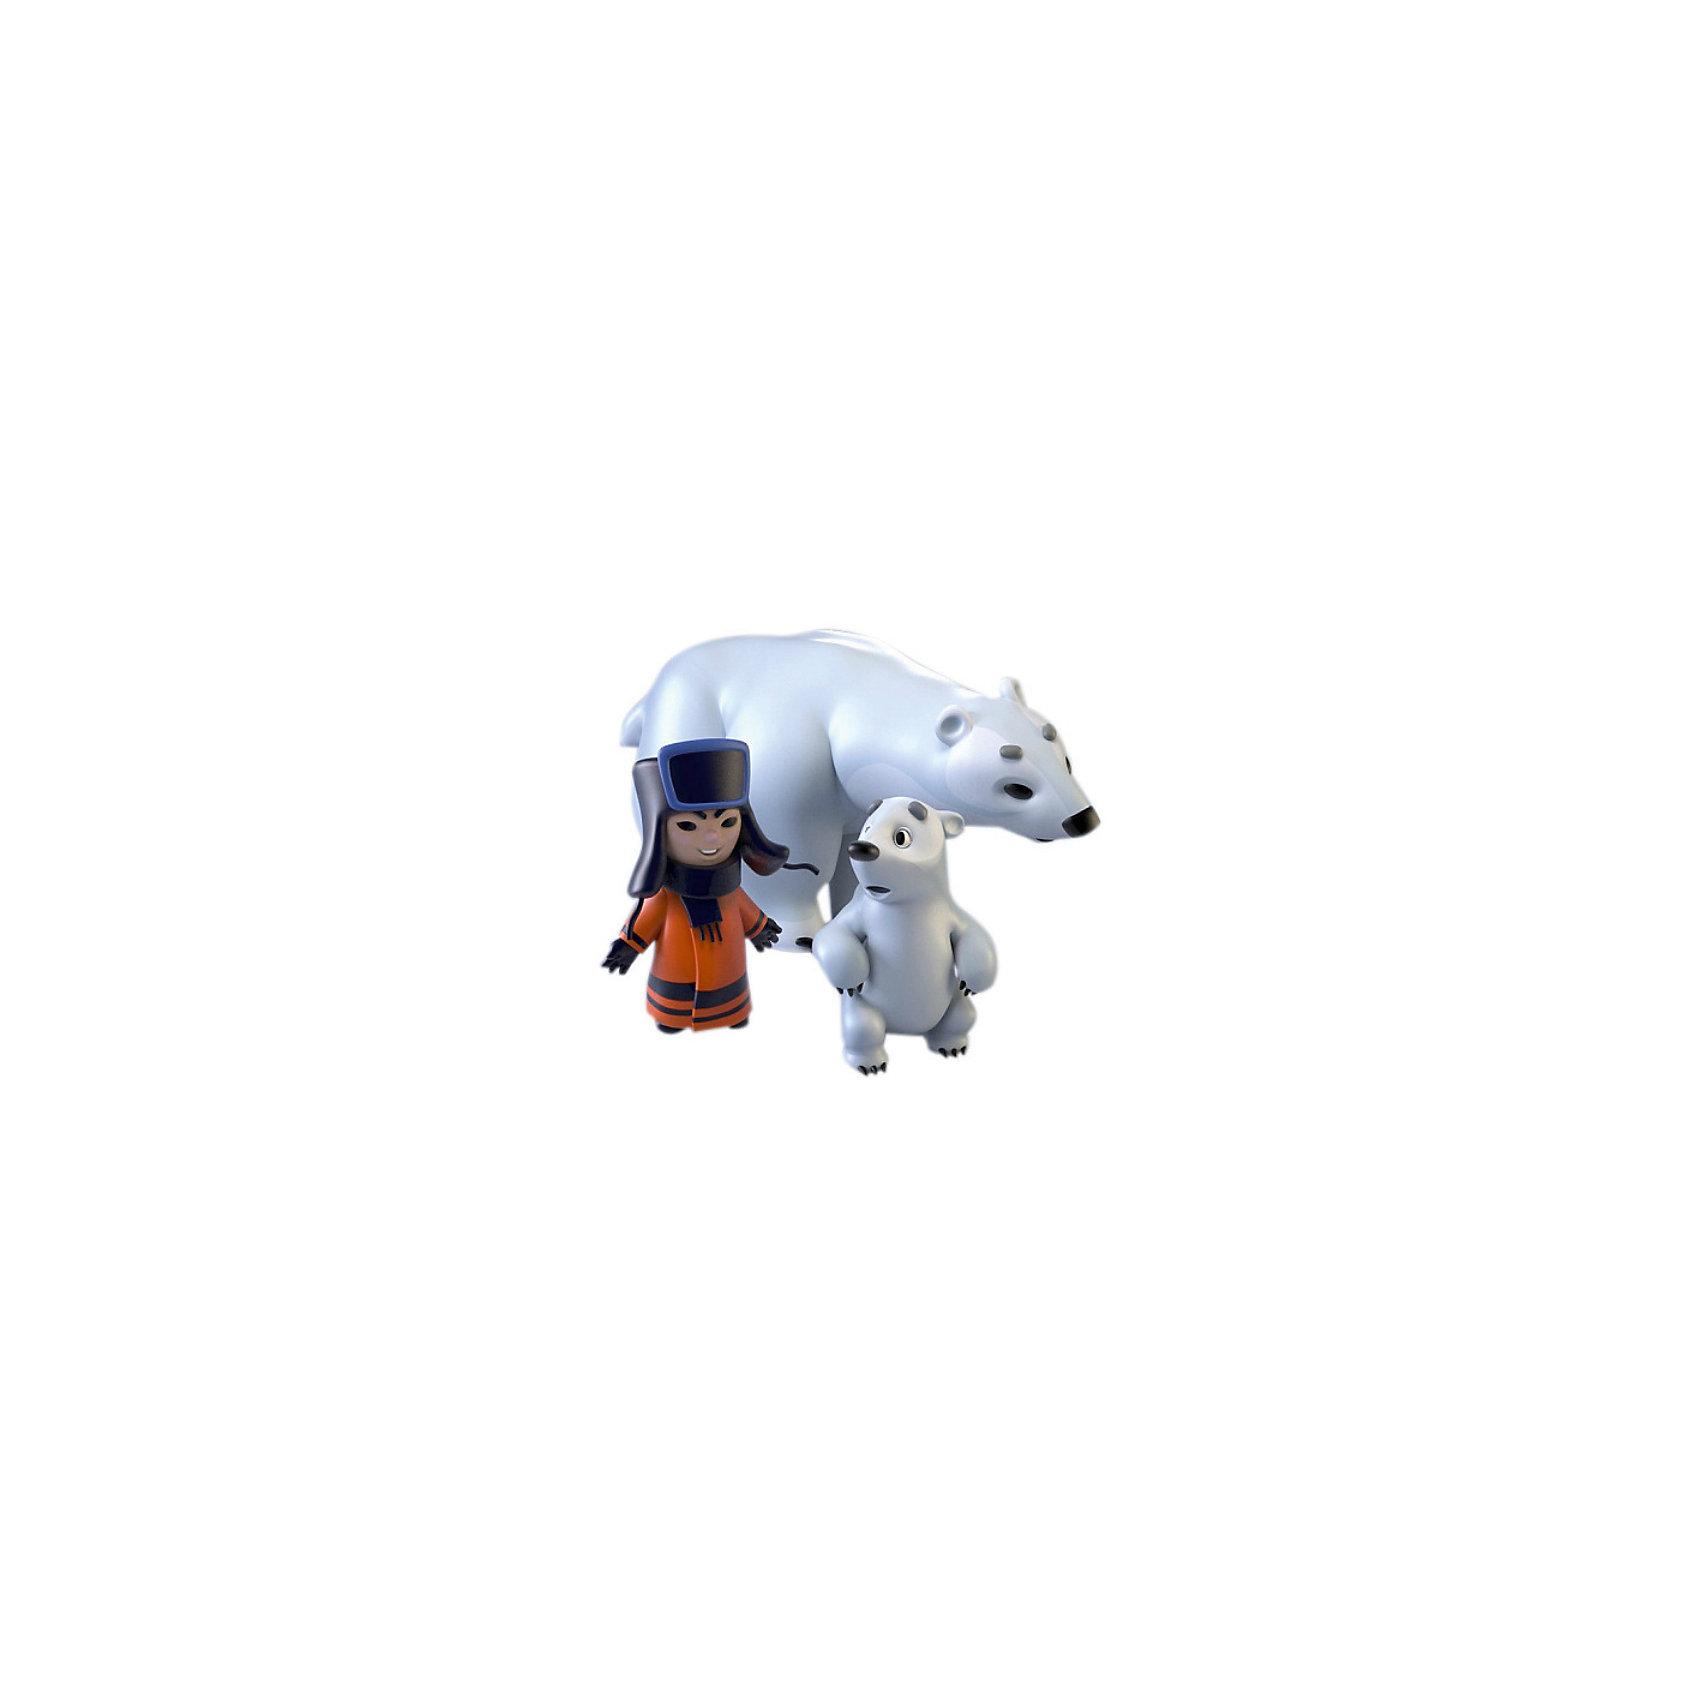 Набор фигурок Умка, ProstotoysГерои доброго мультфильма про маленького медвежонка Умку обязательно порадуют ребенка. Фигурки прекрасно детализированы и реалистично раскрашены, очень похожи на героев мультфильма. Игрушки выполнены из высококачественных экологичных материалов, безопасна даже для детей. Собери все фигурки и проигрывай любимые сцены из мультфильма или придумывай свои новые истории!<br><br>Дополнительная информация:<br><br>- Материал: ПВХ.<br>- Высота: 10 см.<br>- Комплектация: 3 фигурки - Умки, медведицы мамы, мальчика. <br><br>Набор фигурок Умка, Prostotoys, можно купить в нашем магазине.<br><br>Ширина мм: 120<br>Глубина мм: 200<br>Высота мм: 300<br>Вес г: 750<br>Возраст от месяцев: 36<br>Возраст до месяцев: 192<br>Пол: Унисекс<br>Возраст: Детский<br>SKU: 4223125